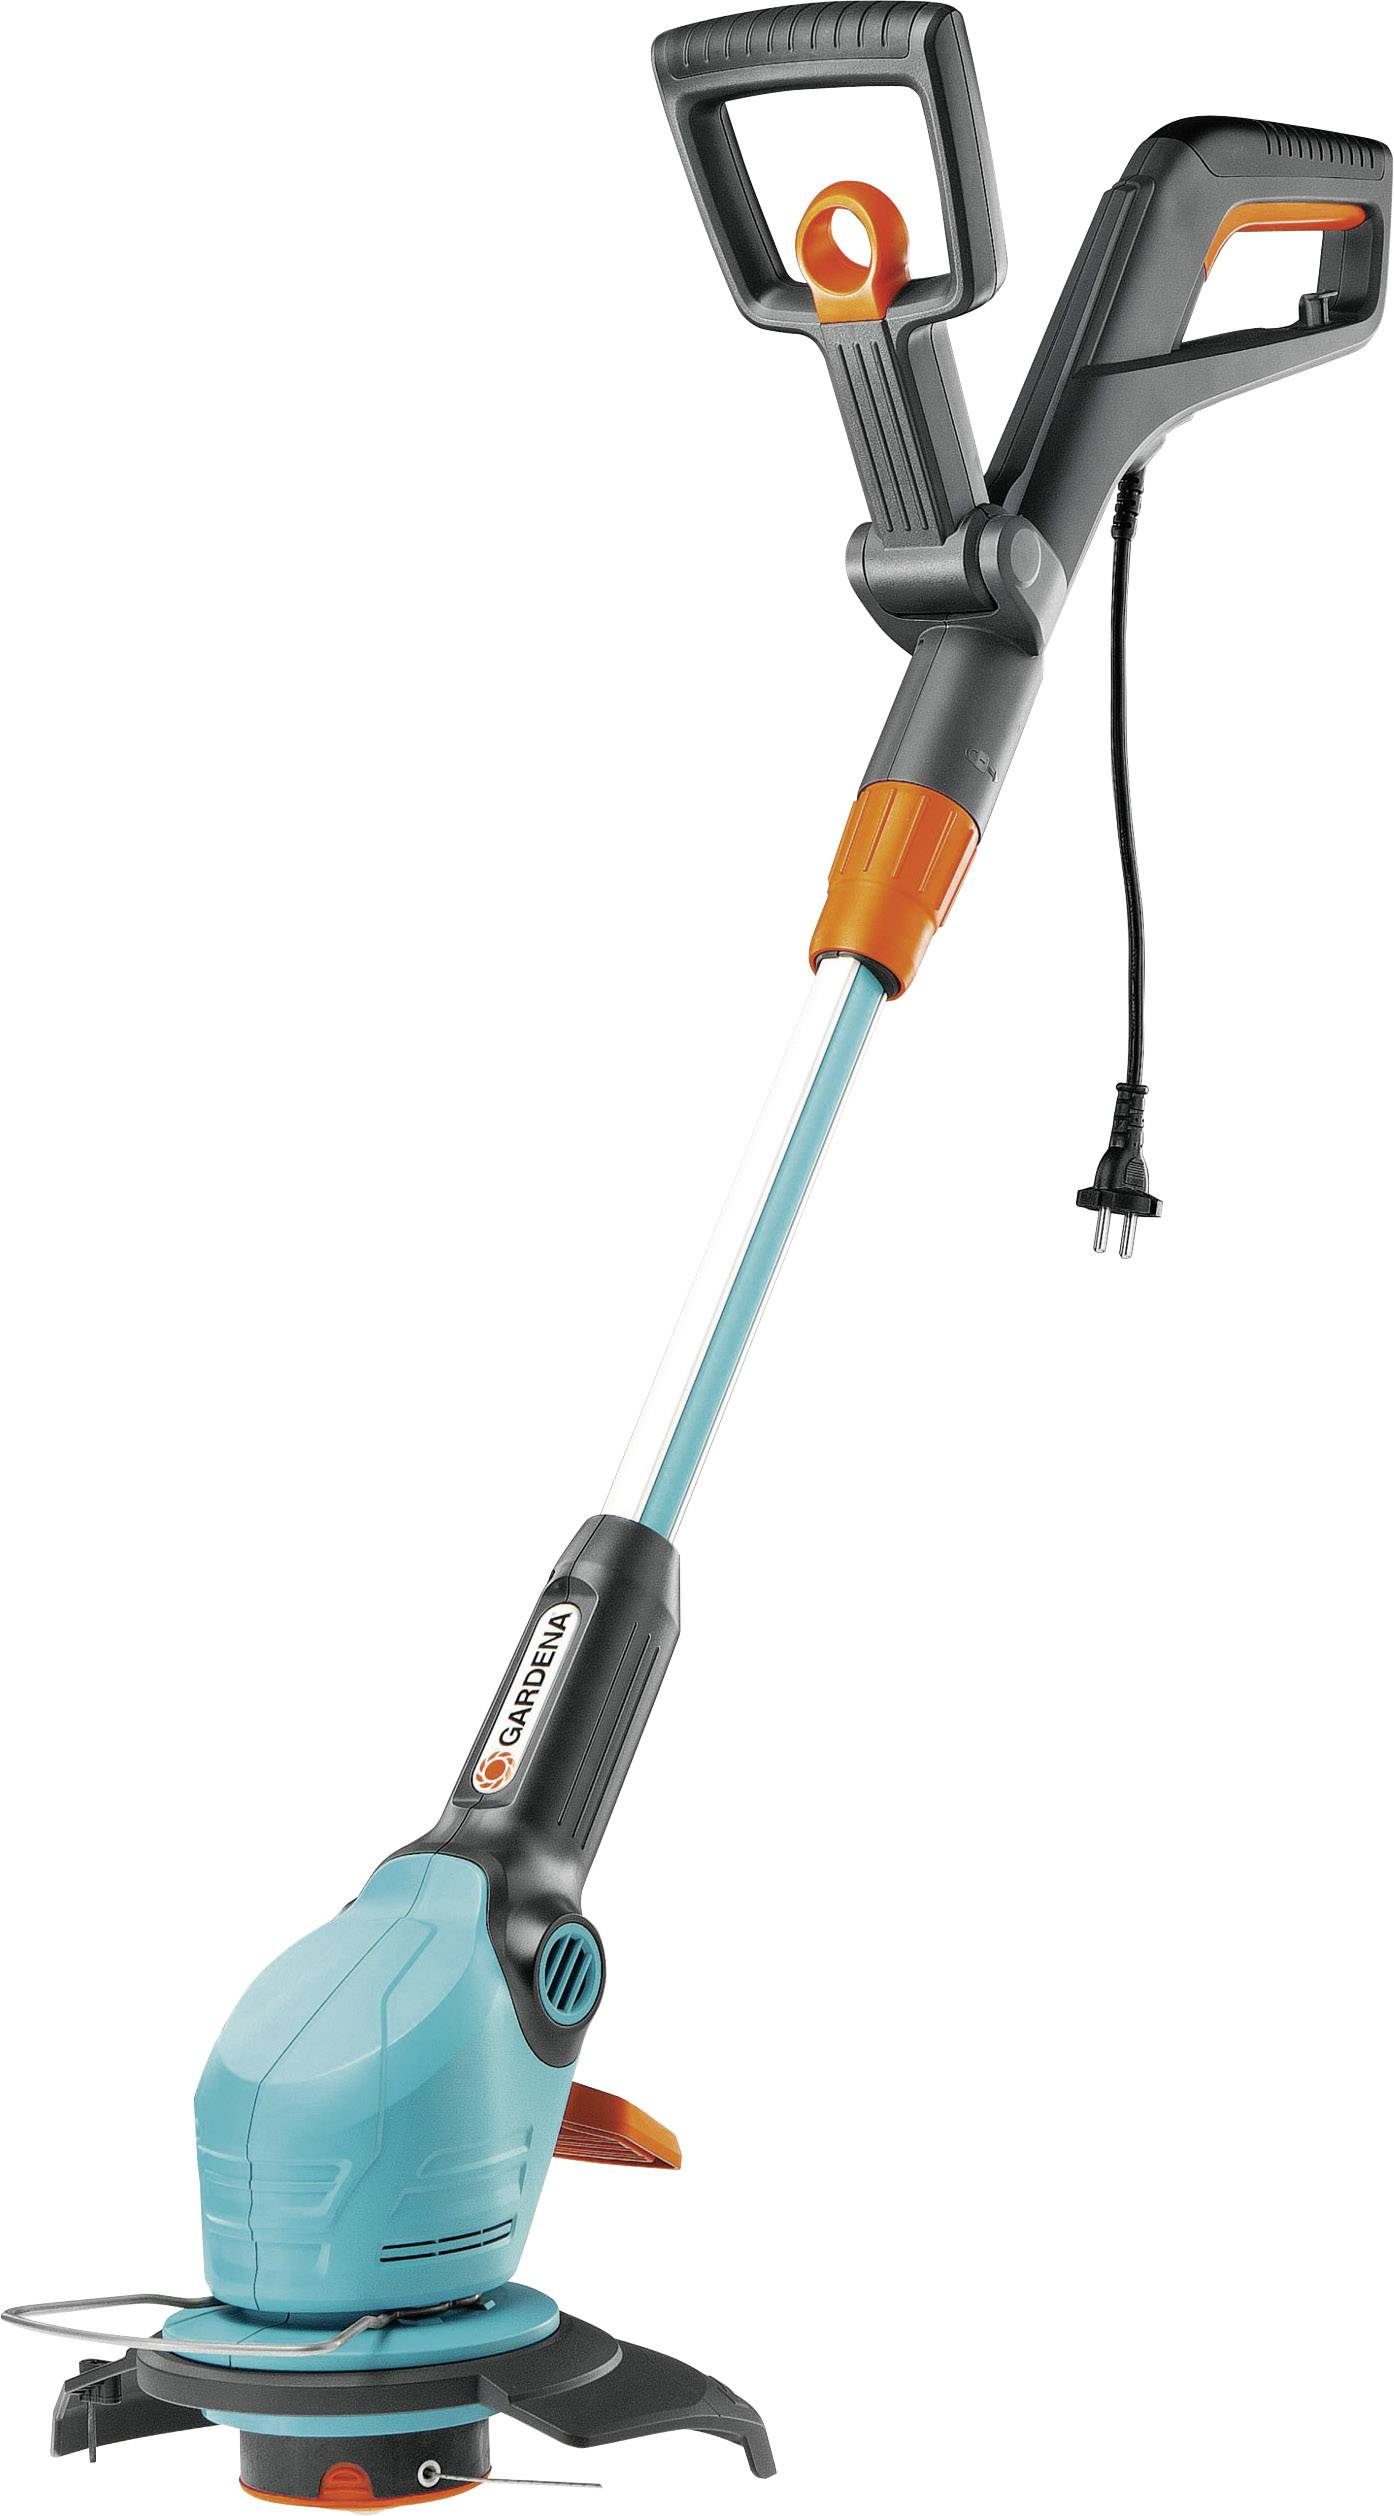 Elektrická strunová kosačka Gardena EasyCut 400/25, 09807-20, 400 W, 250 mm